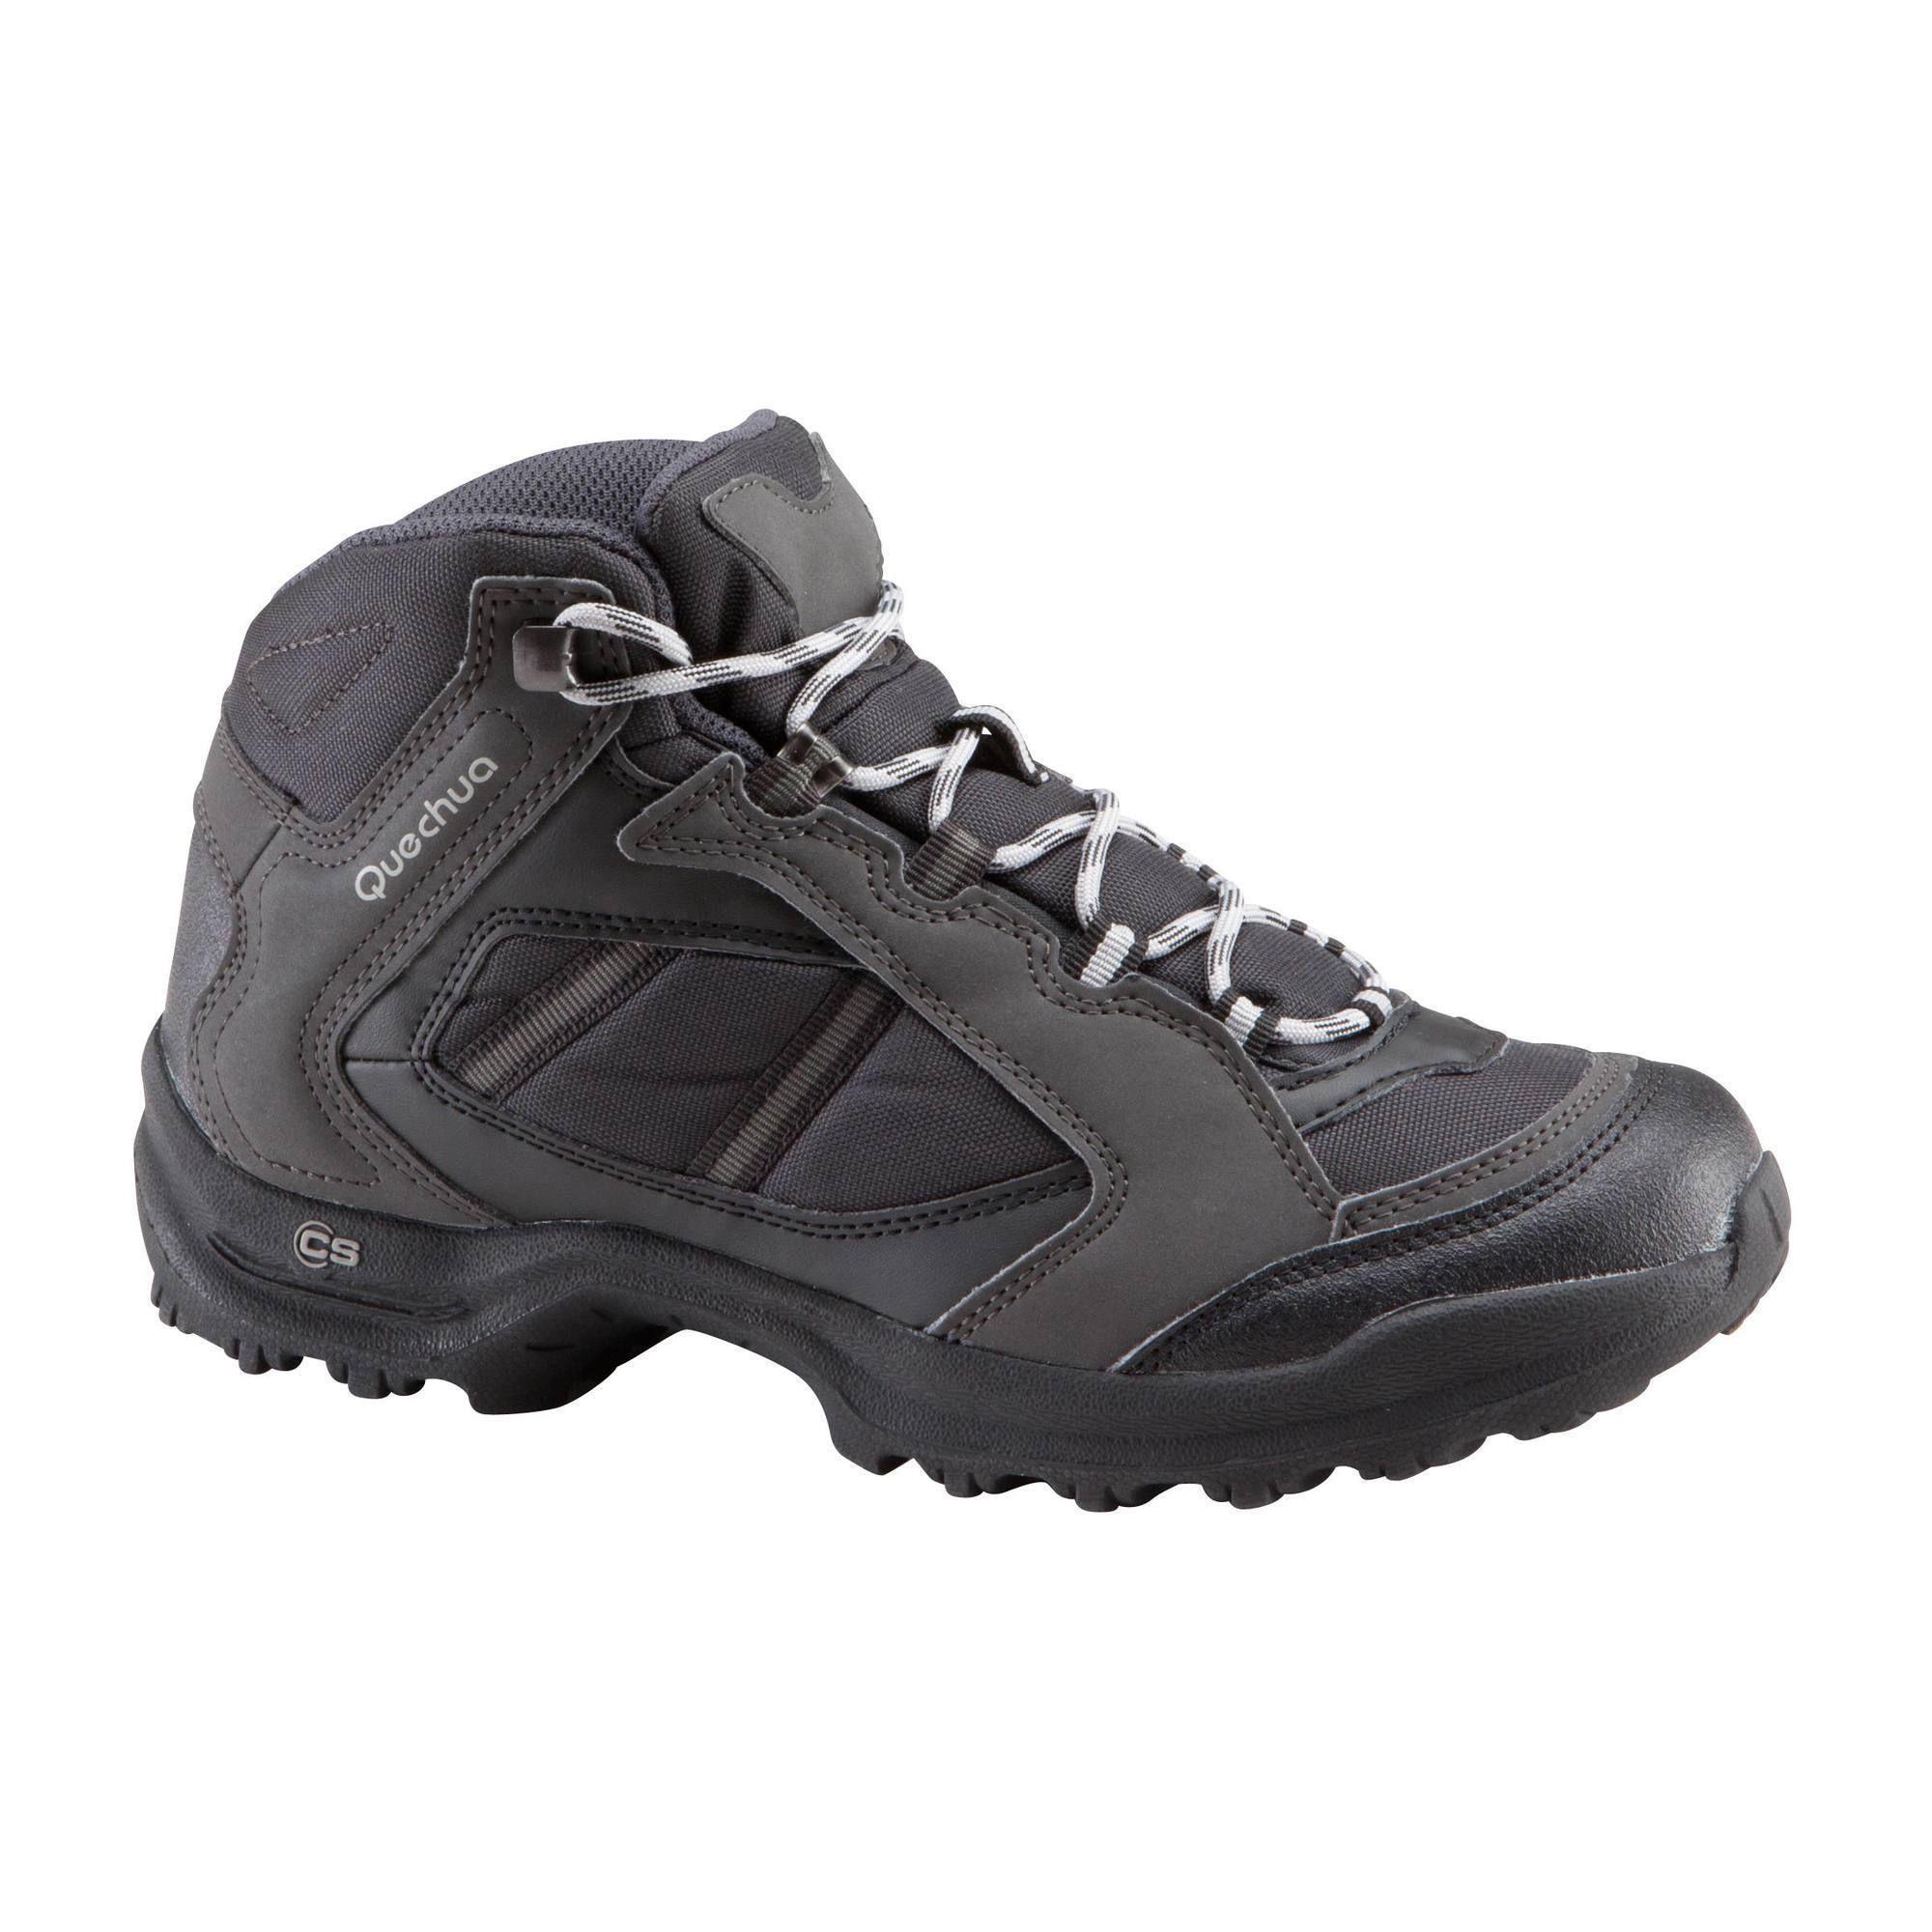 De Zapatos Modelos Quechuamodelosmodelosdezapatosquechua Modelos De 8wN0Ovmn